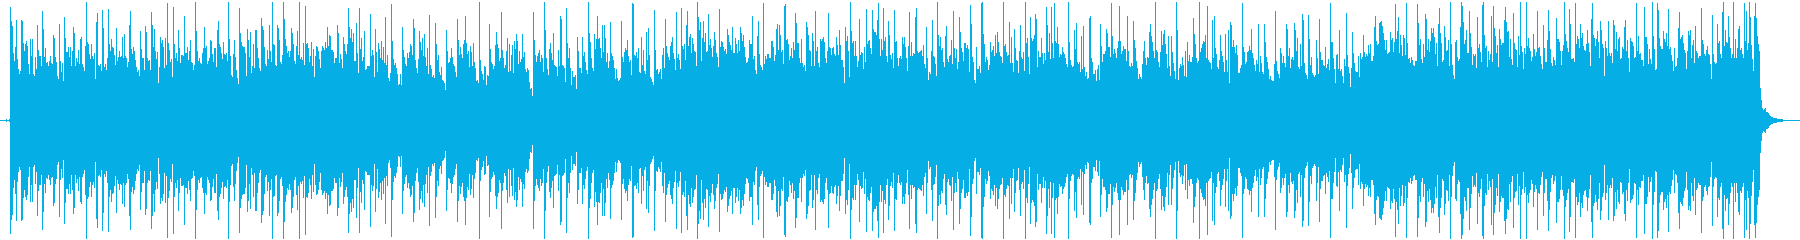 日常で使用できそうなギターメイン音楽の再生済みの波形